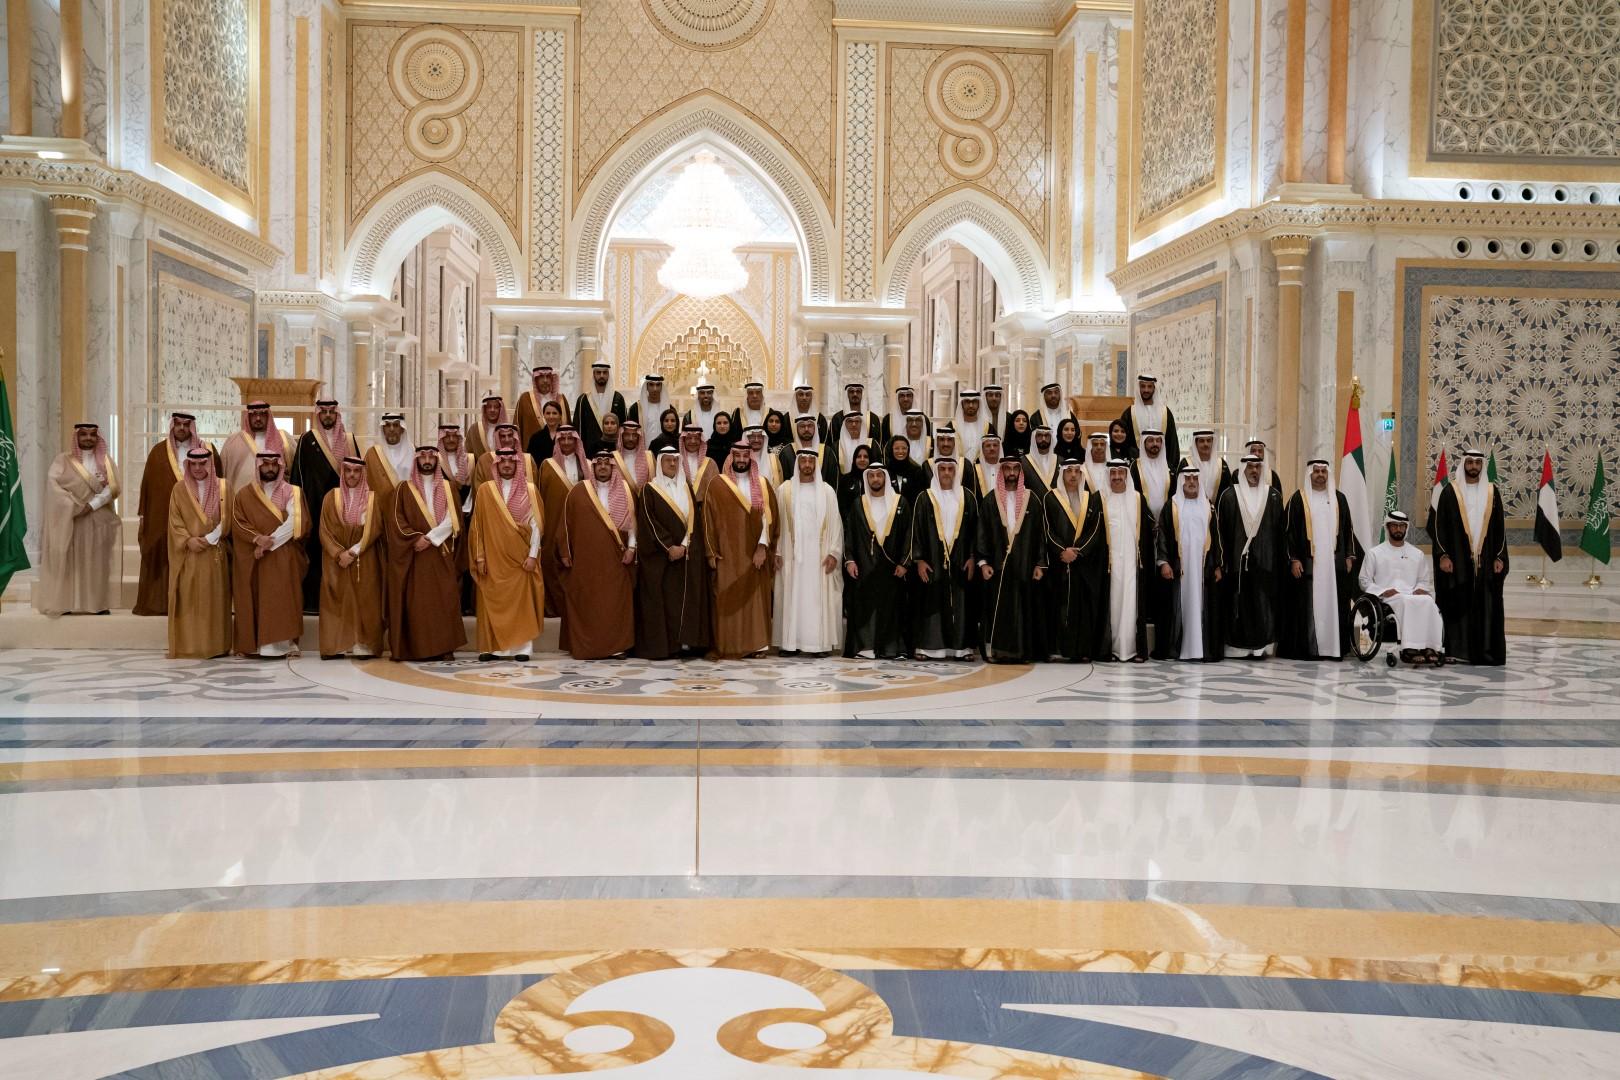 محمد بن زايد ومحمد بن سلمان يترأسان الاجتماع الثاني لمجلس التنسيق السعودي ــ الإماراتي